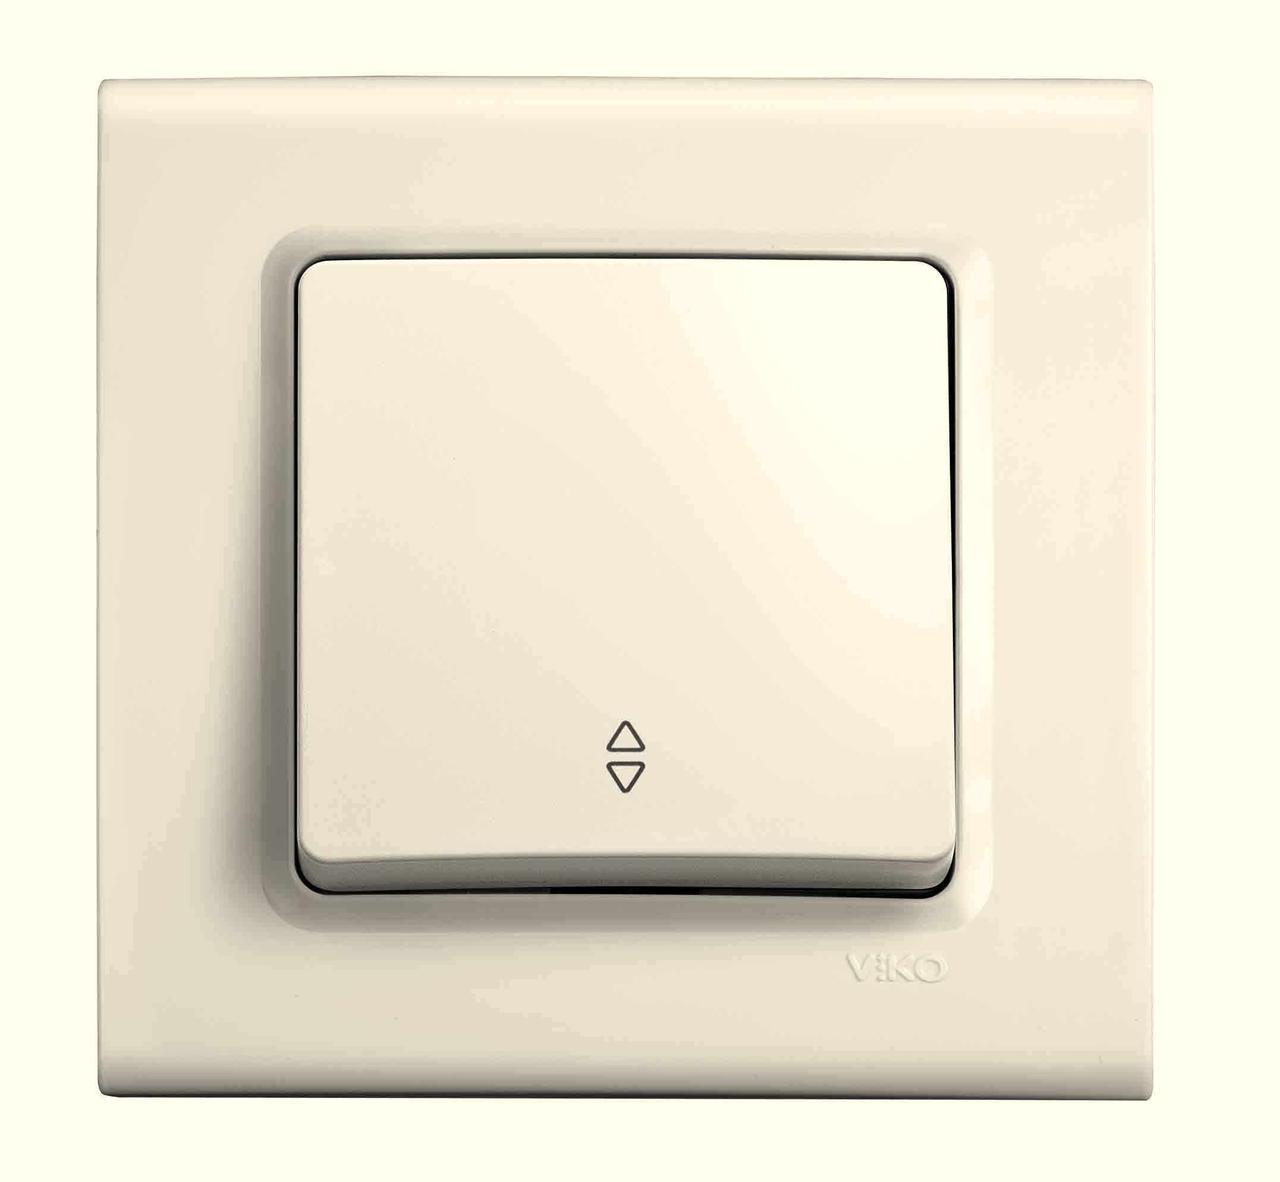 Выключатель проходной одноклавишный VIKO Linnera Крем (90401004)